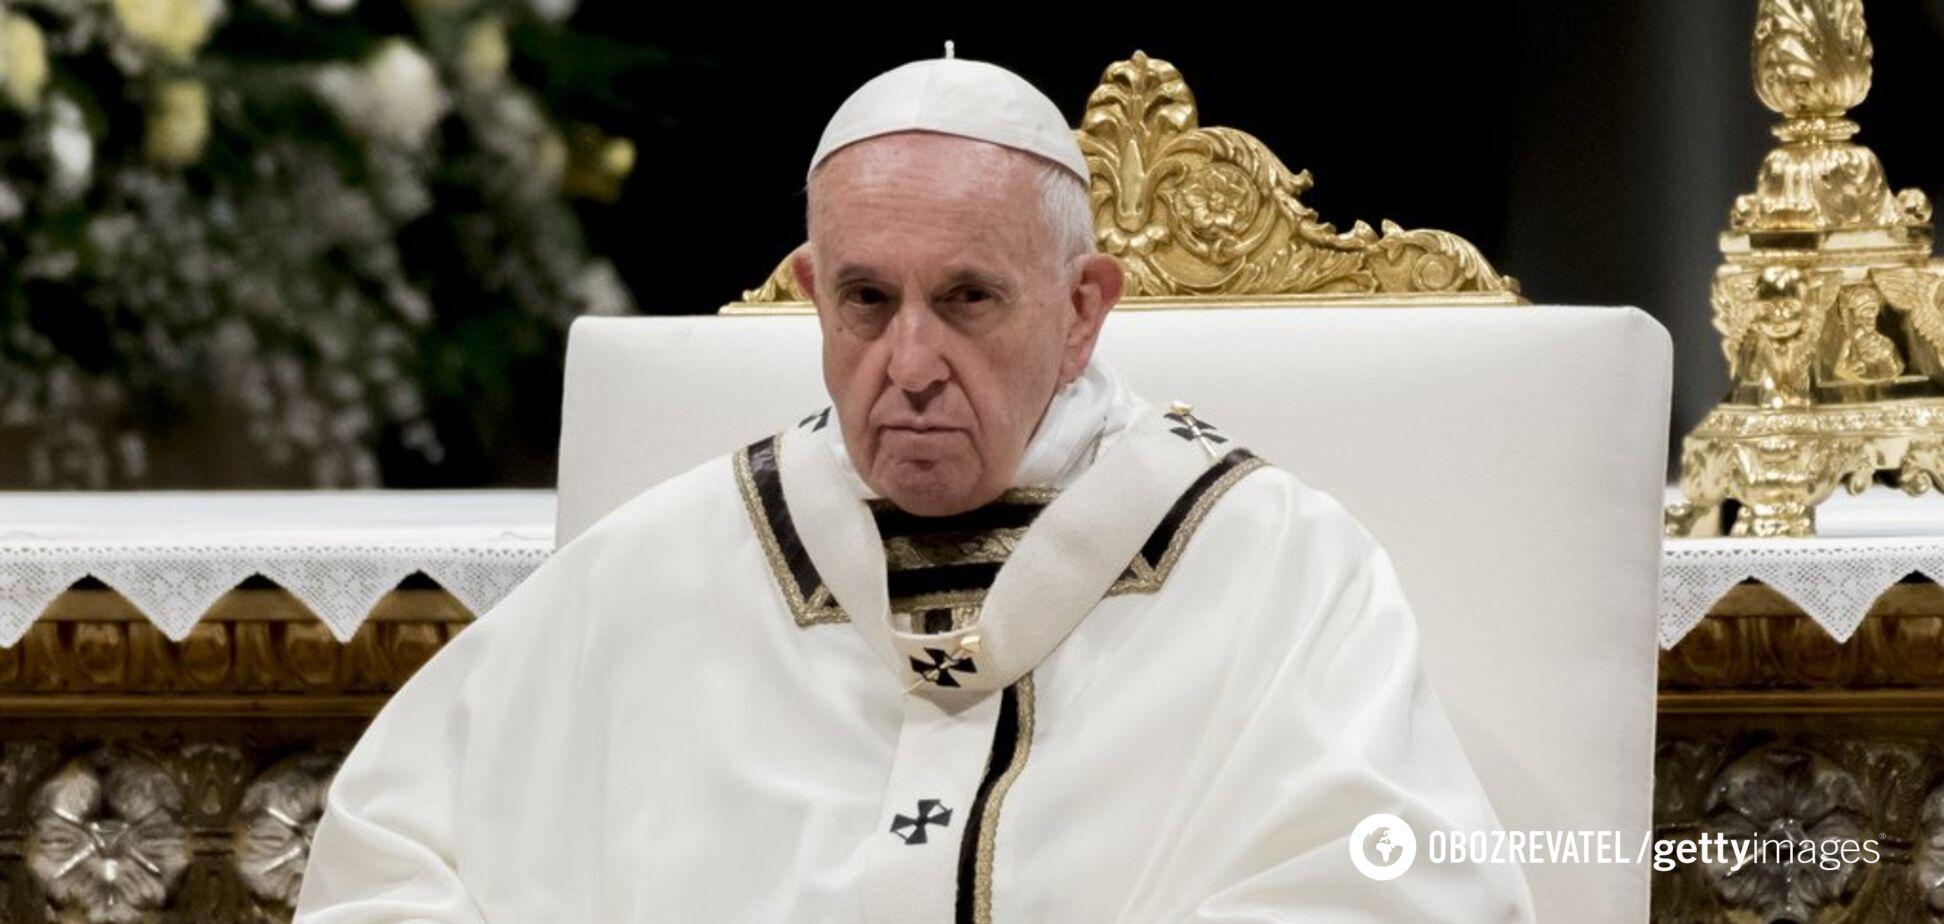 Папа Римський згадав Україну у своїй промові: про що говорив